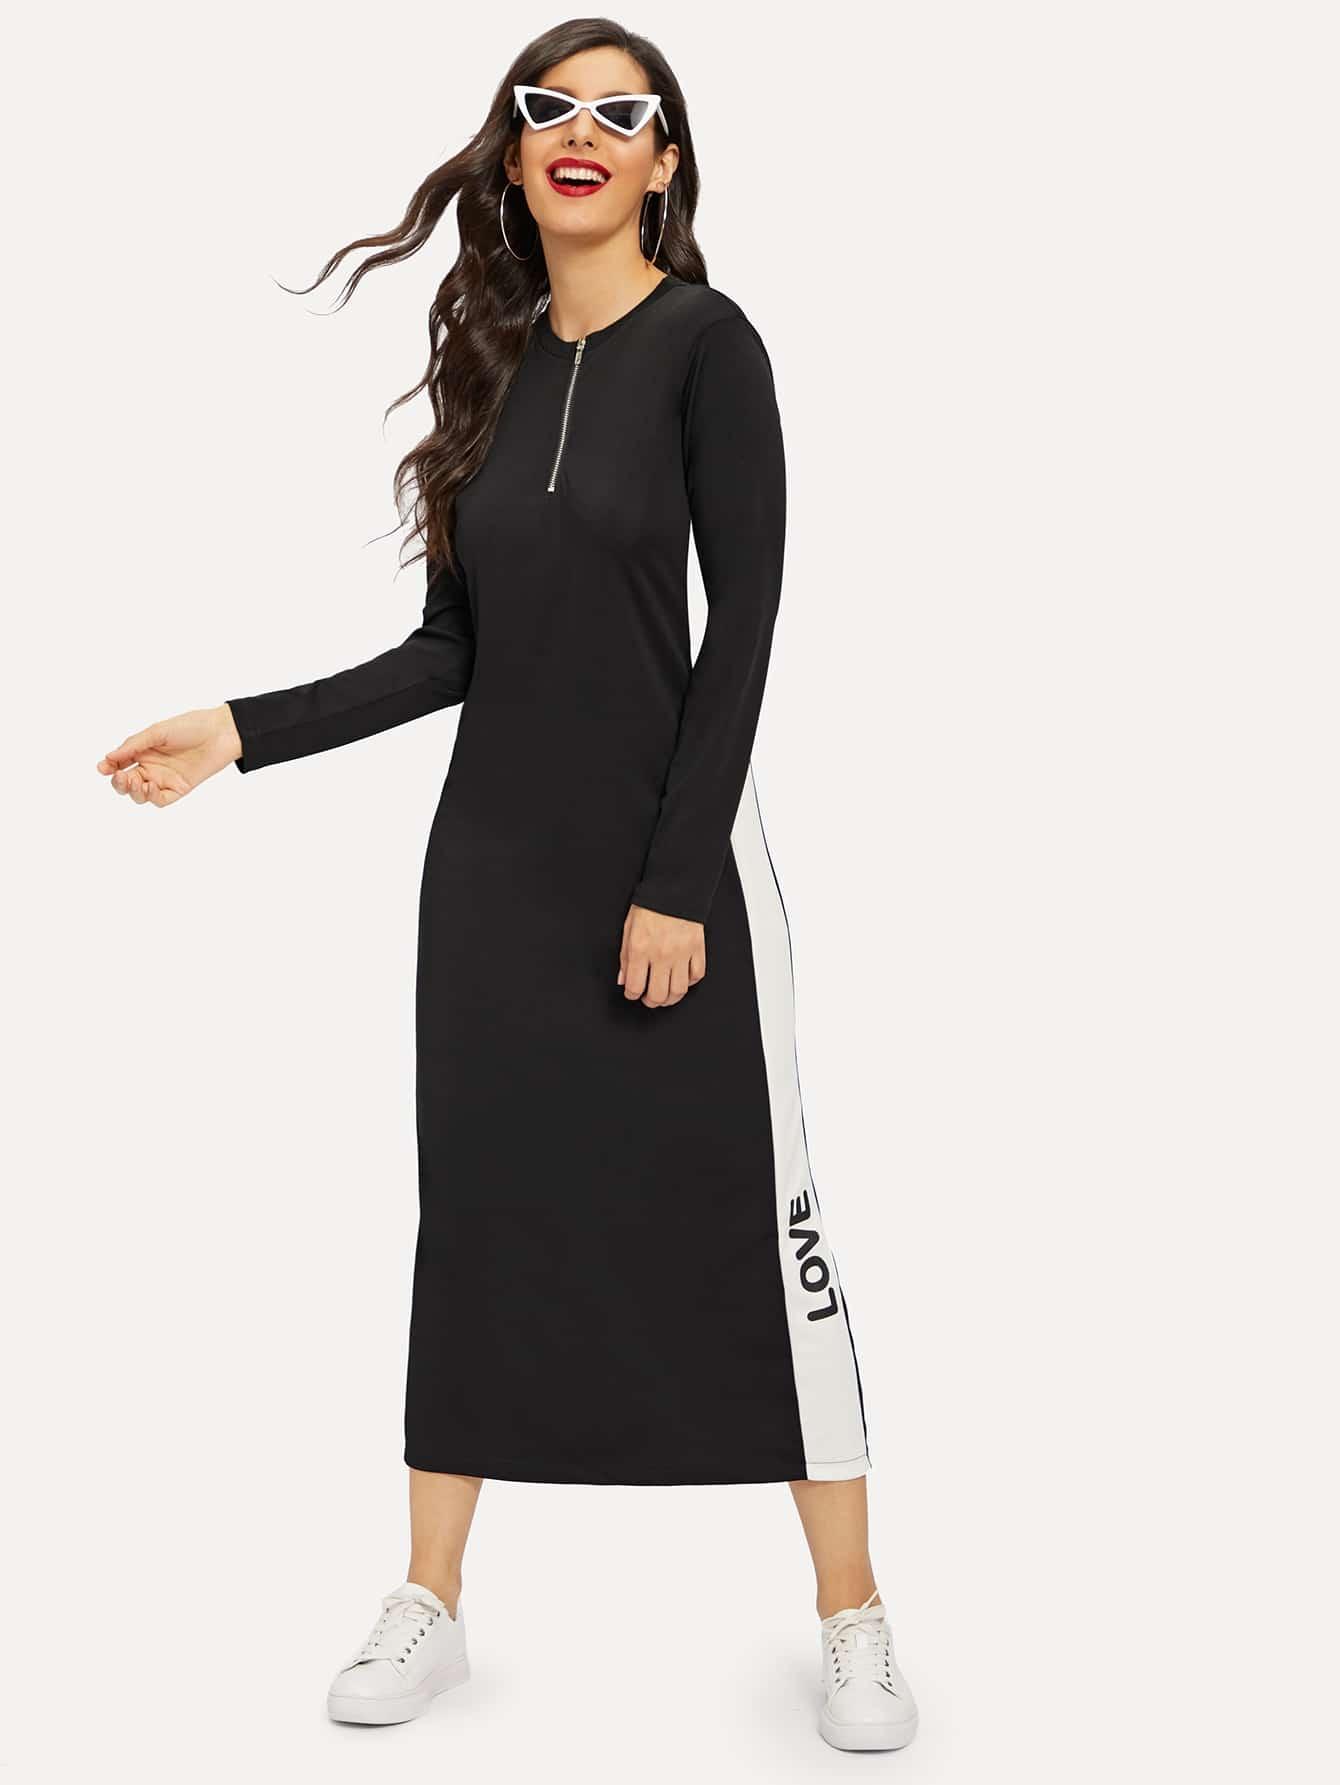 Купить Длинное платье с застёжкой молния и текстовым принтом, Jeane, SheIn